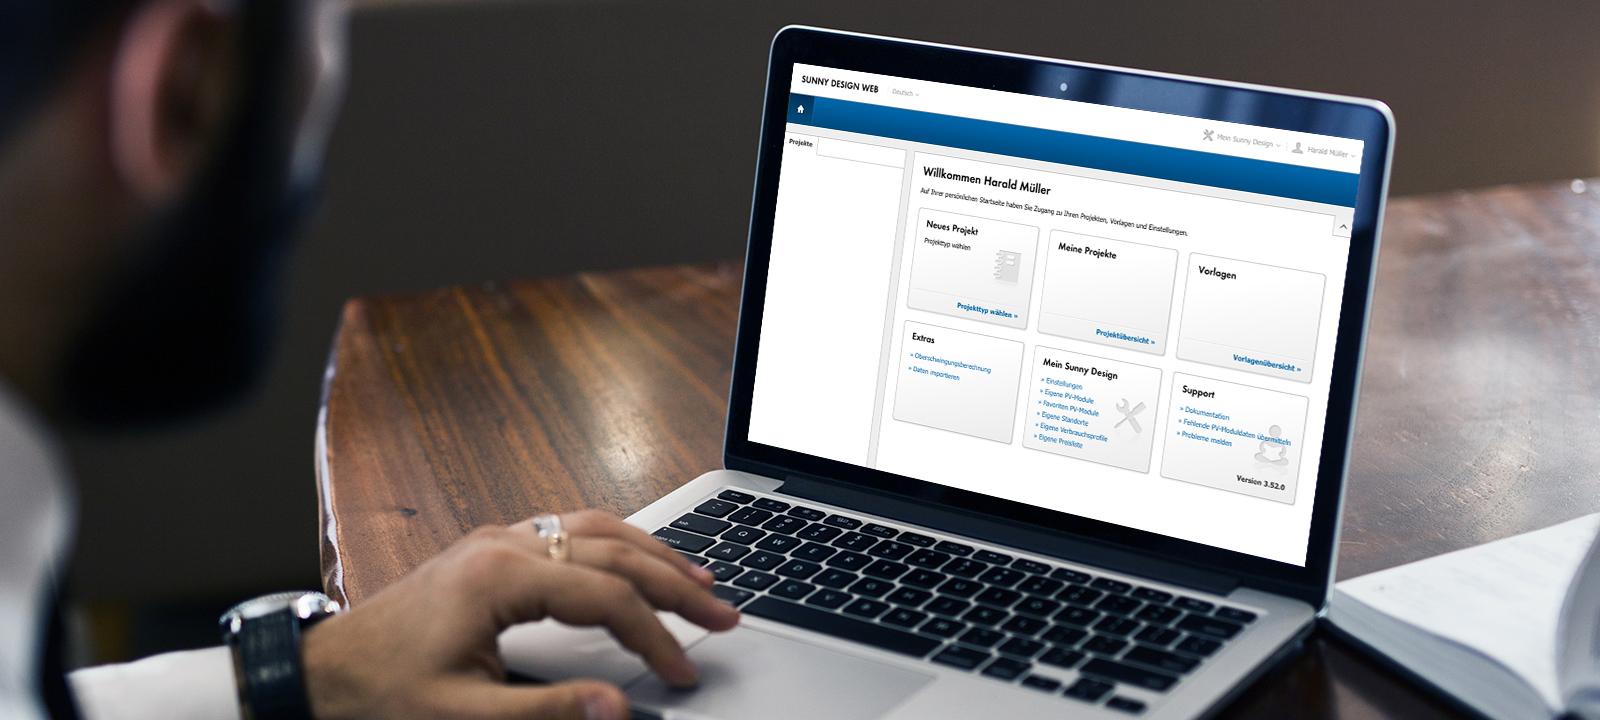 Im Nutzerbereich werden alle Projekte gespeichert und stehen zur weiteren Bearbeitung zur Verfügung. Vorlagen erleichtern die Anlage neuer Projekte.